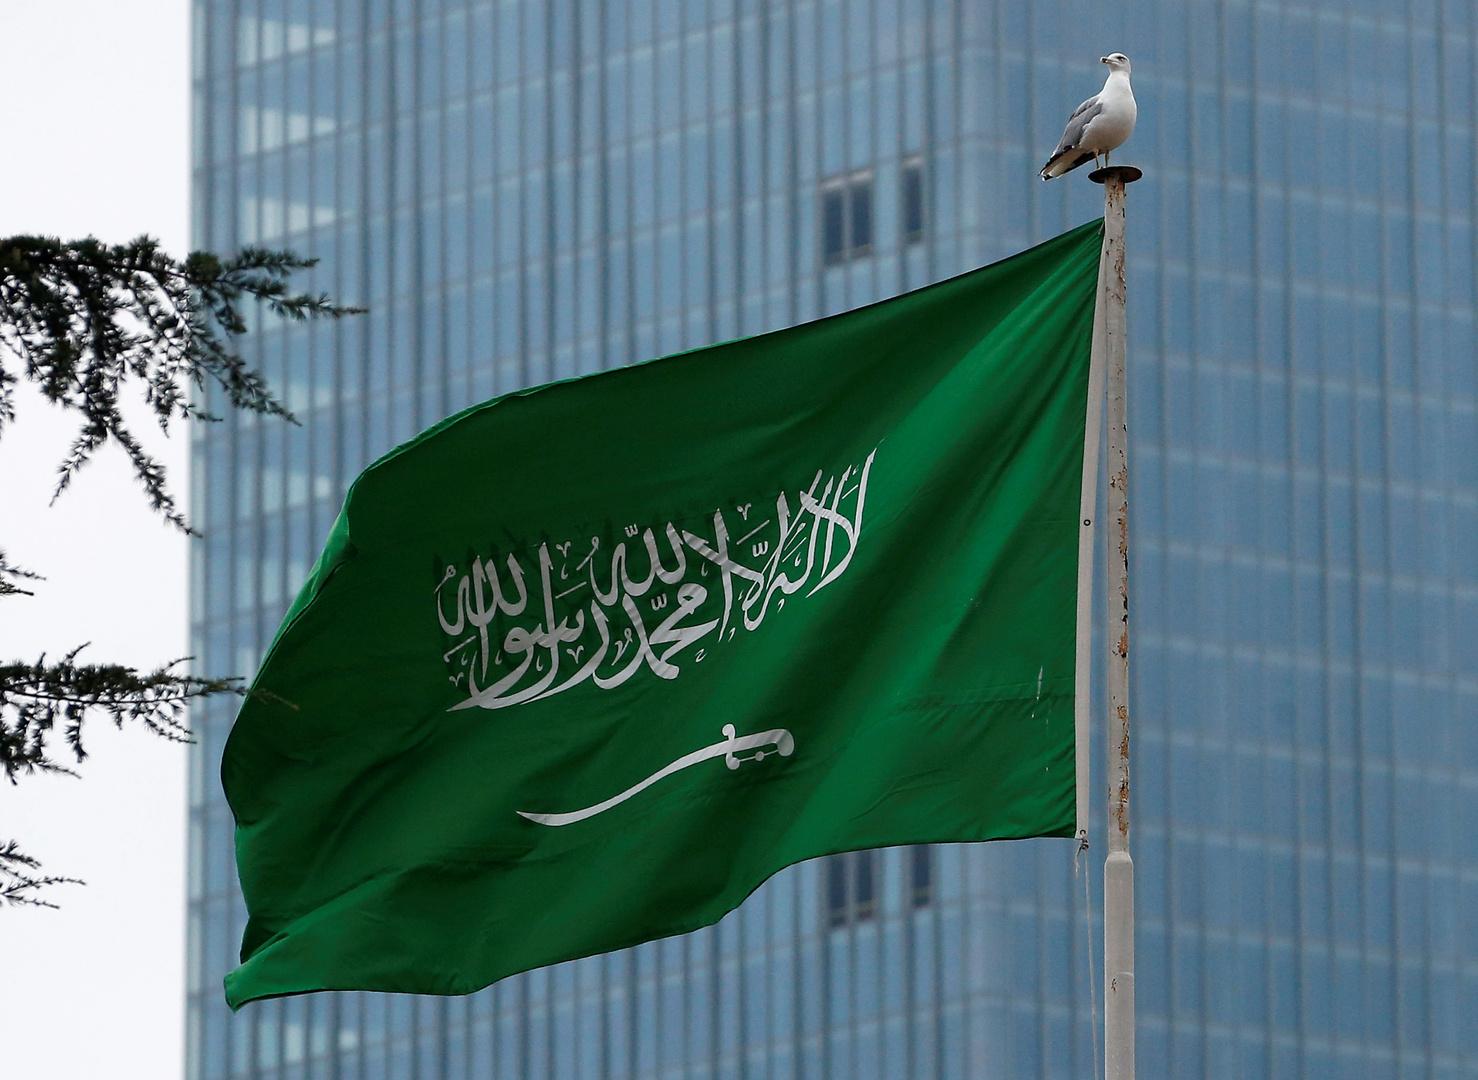 مشروع سعودي أرجنتيني لإنشاء مصنع للقاحات الحيوان في الرياض